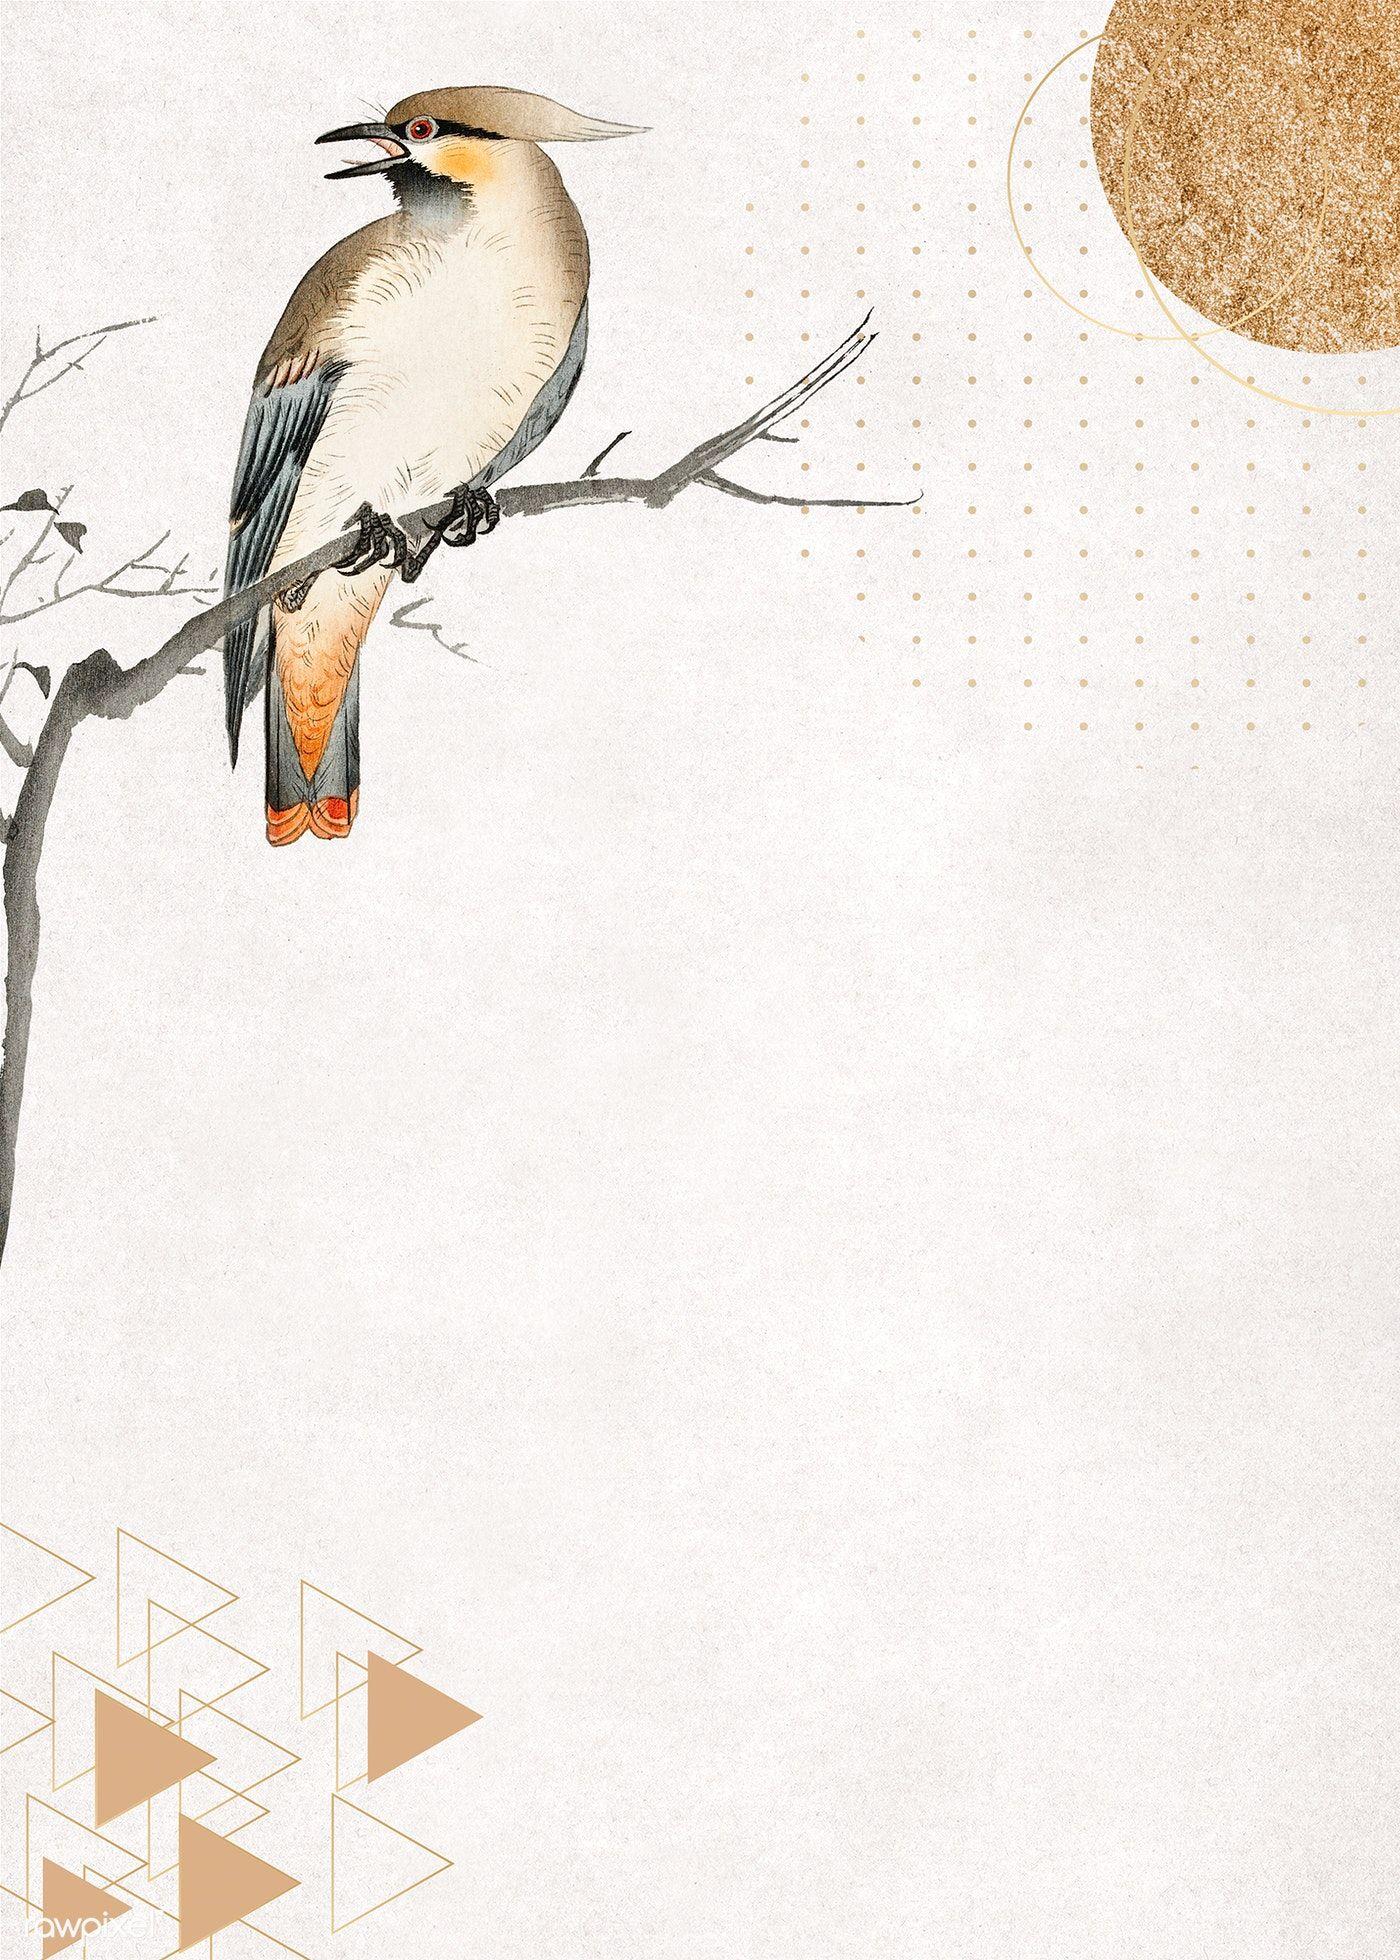 Download Premium Illustration Of Bird On A Branch Frame Design 1219278 Frame Illustration Collage Background Frame Design